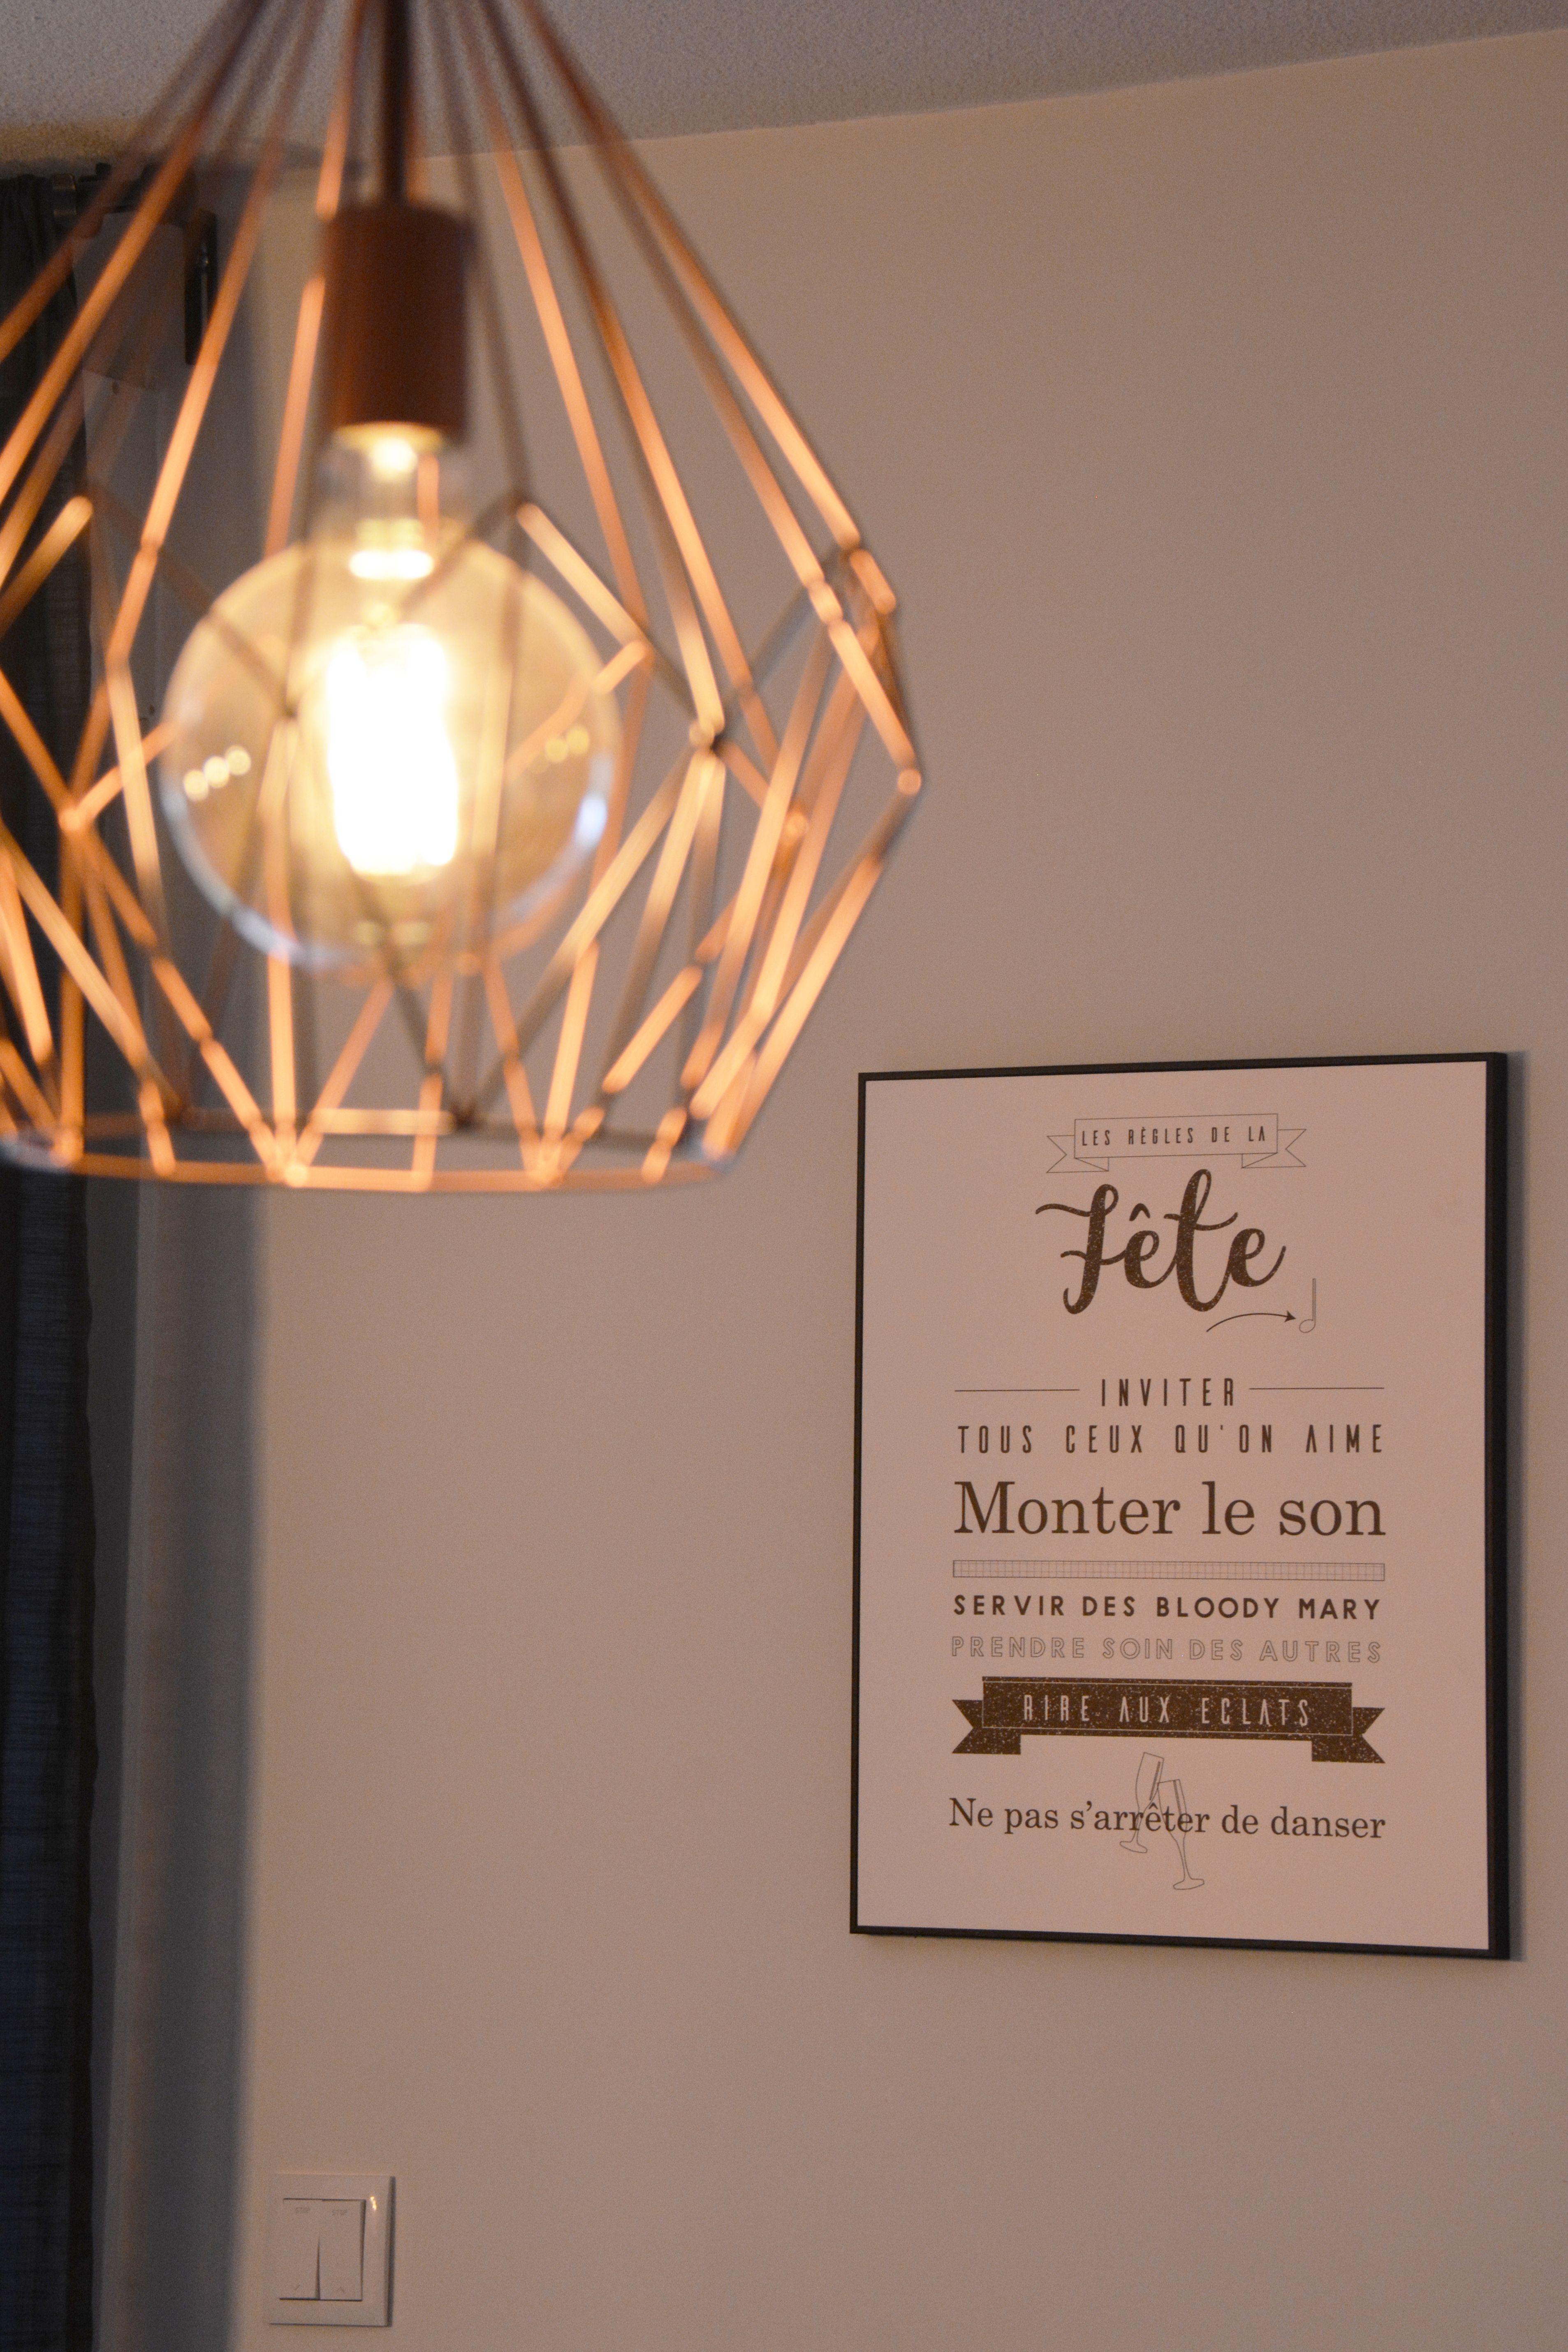 Lampe filament et filaire en laiton dans le salon avec cadre d co sur les r gles de la maison - Cadre les regles de la maison ...